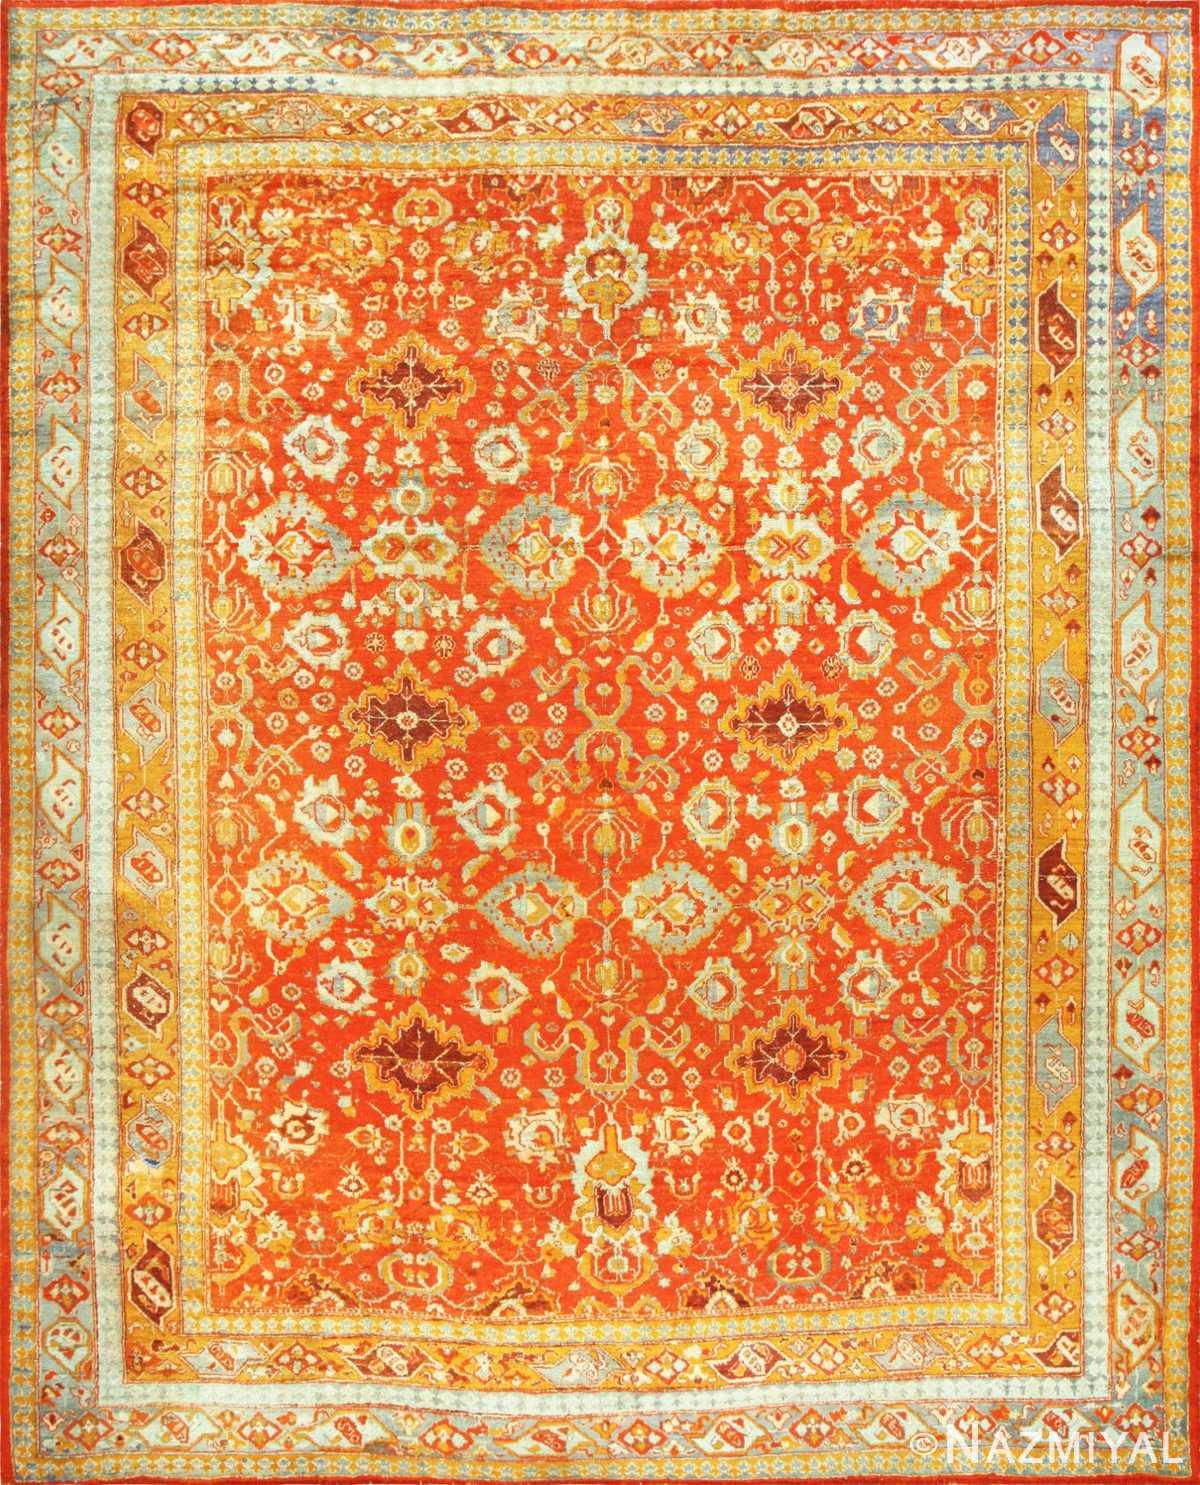 Large Luxurious Antique Turkish Angora Oushak Rug 48923 Nazmiyal